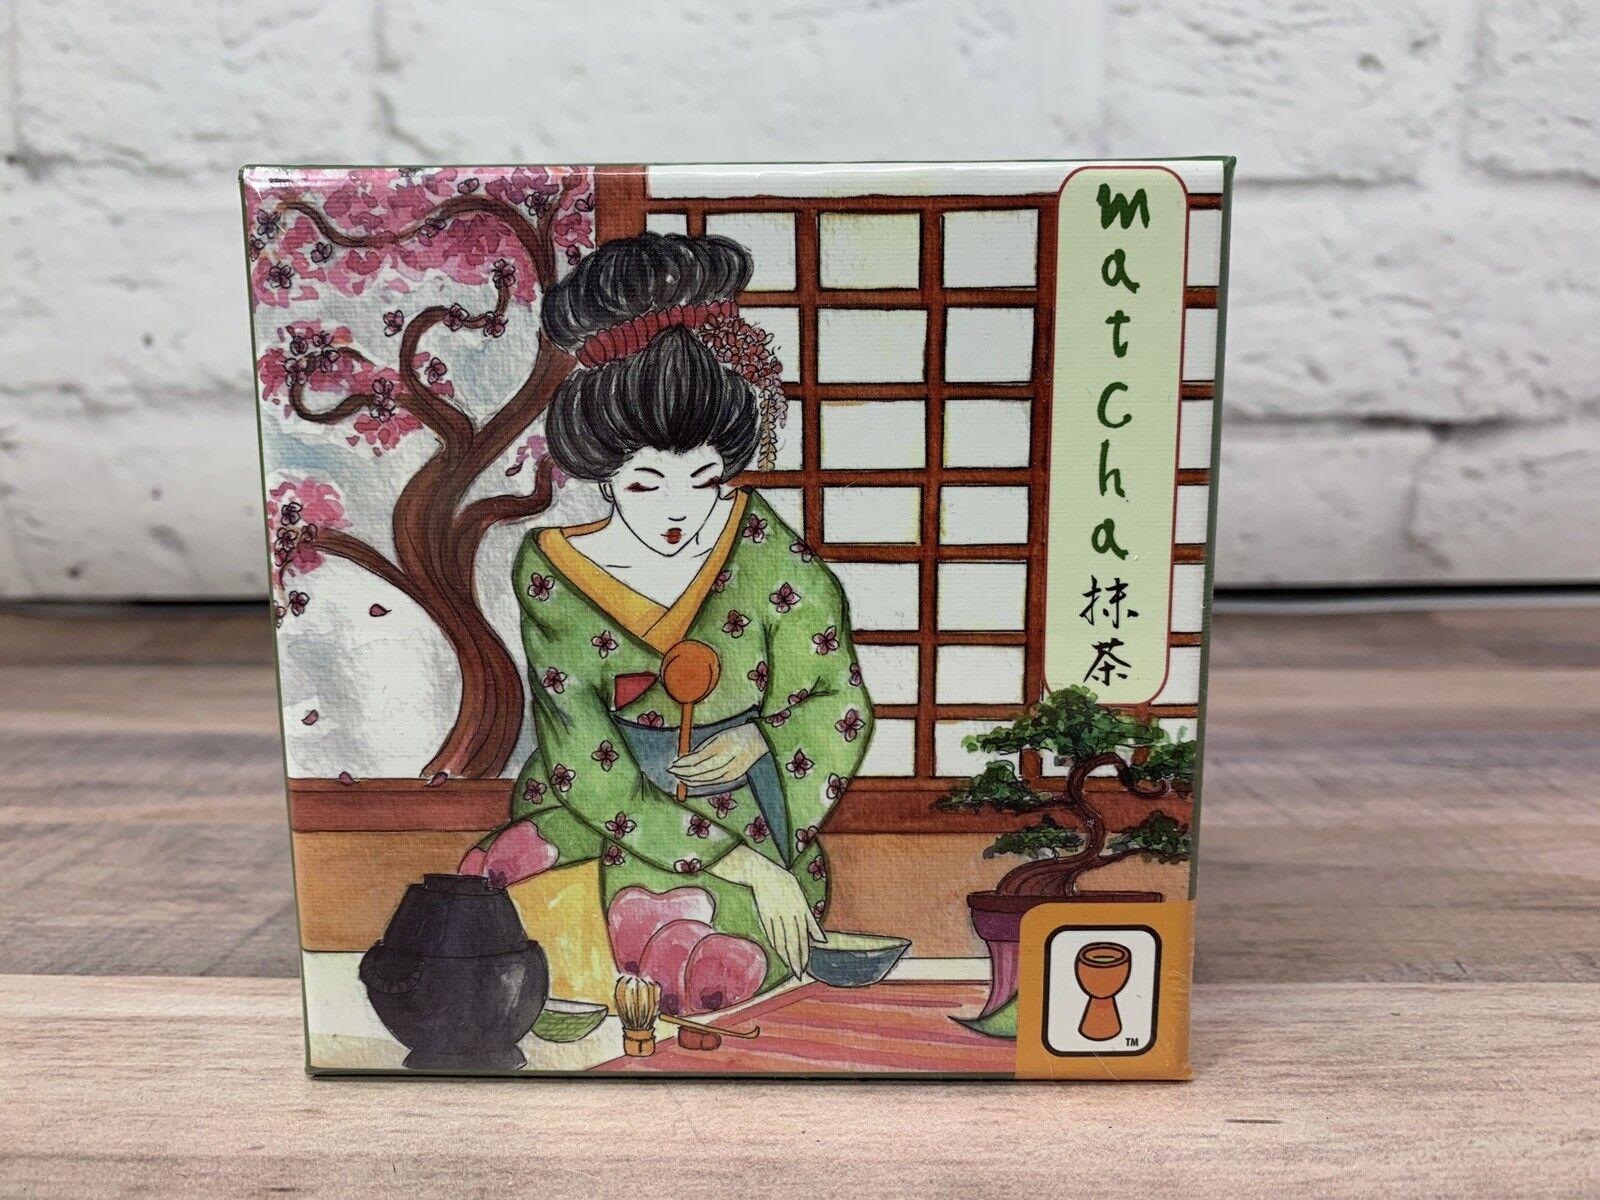 Sellado Matcha-un farol de 2 jugadores Juego de Cartas-out Cartas-out Cartas-out of print-animé japonés  forma única